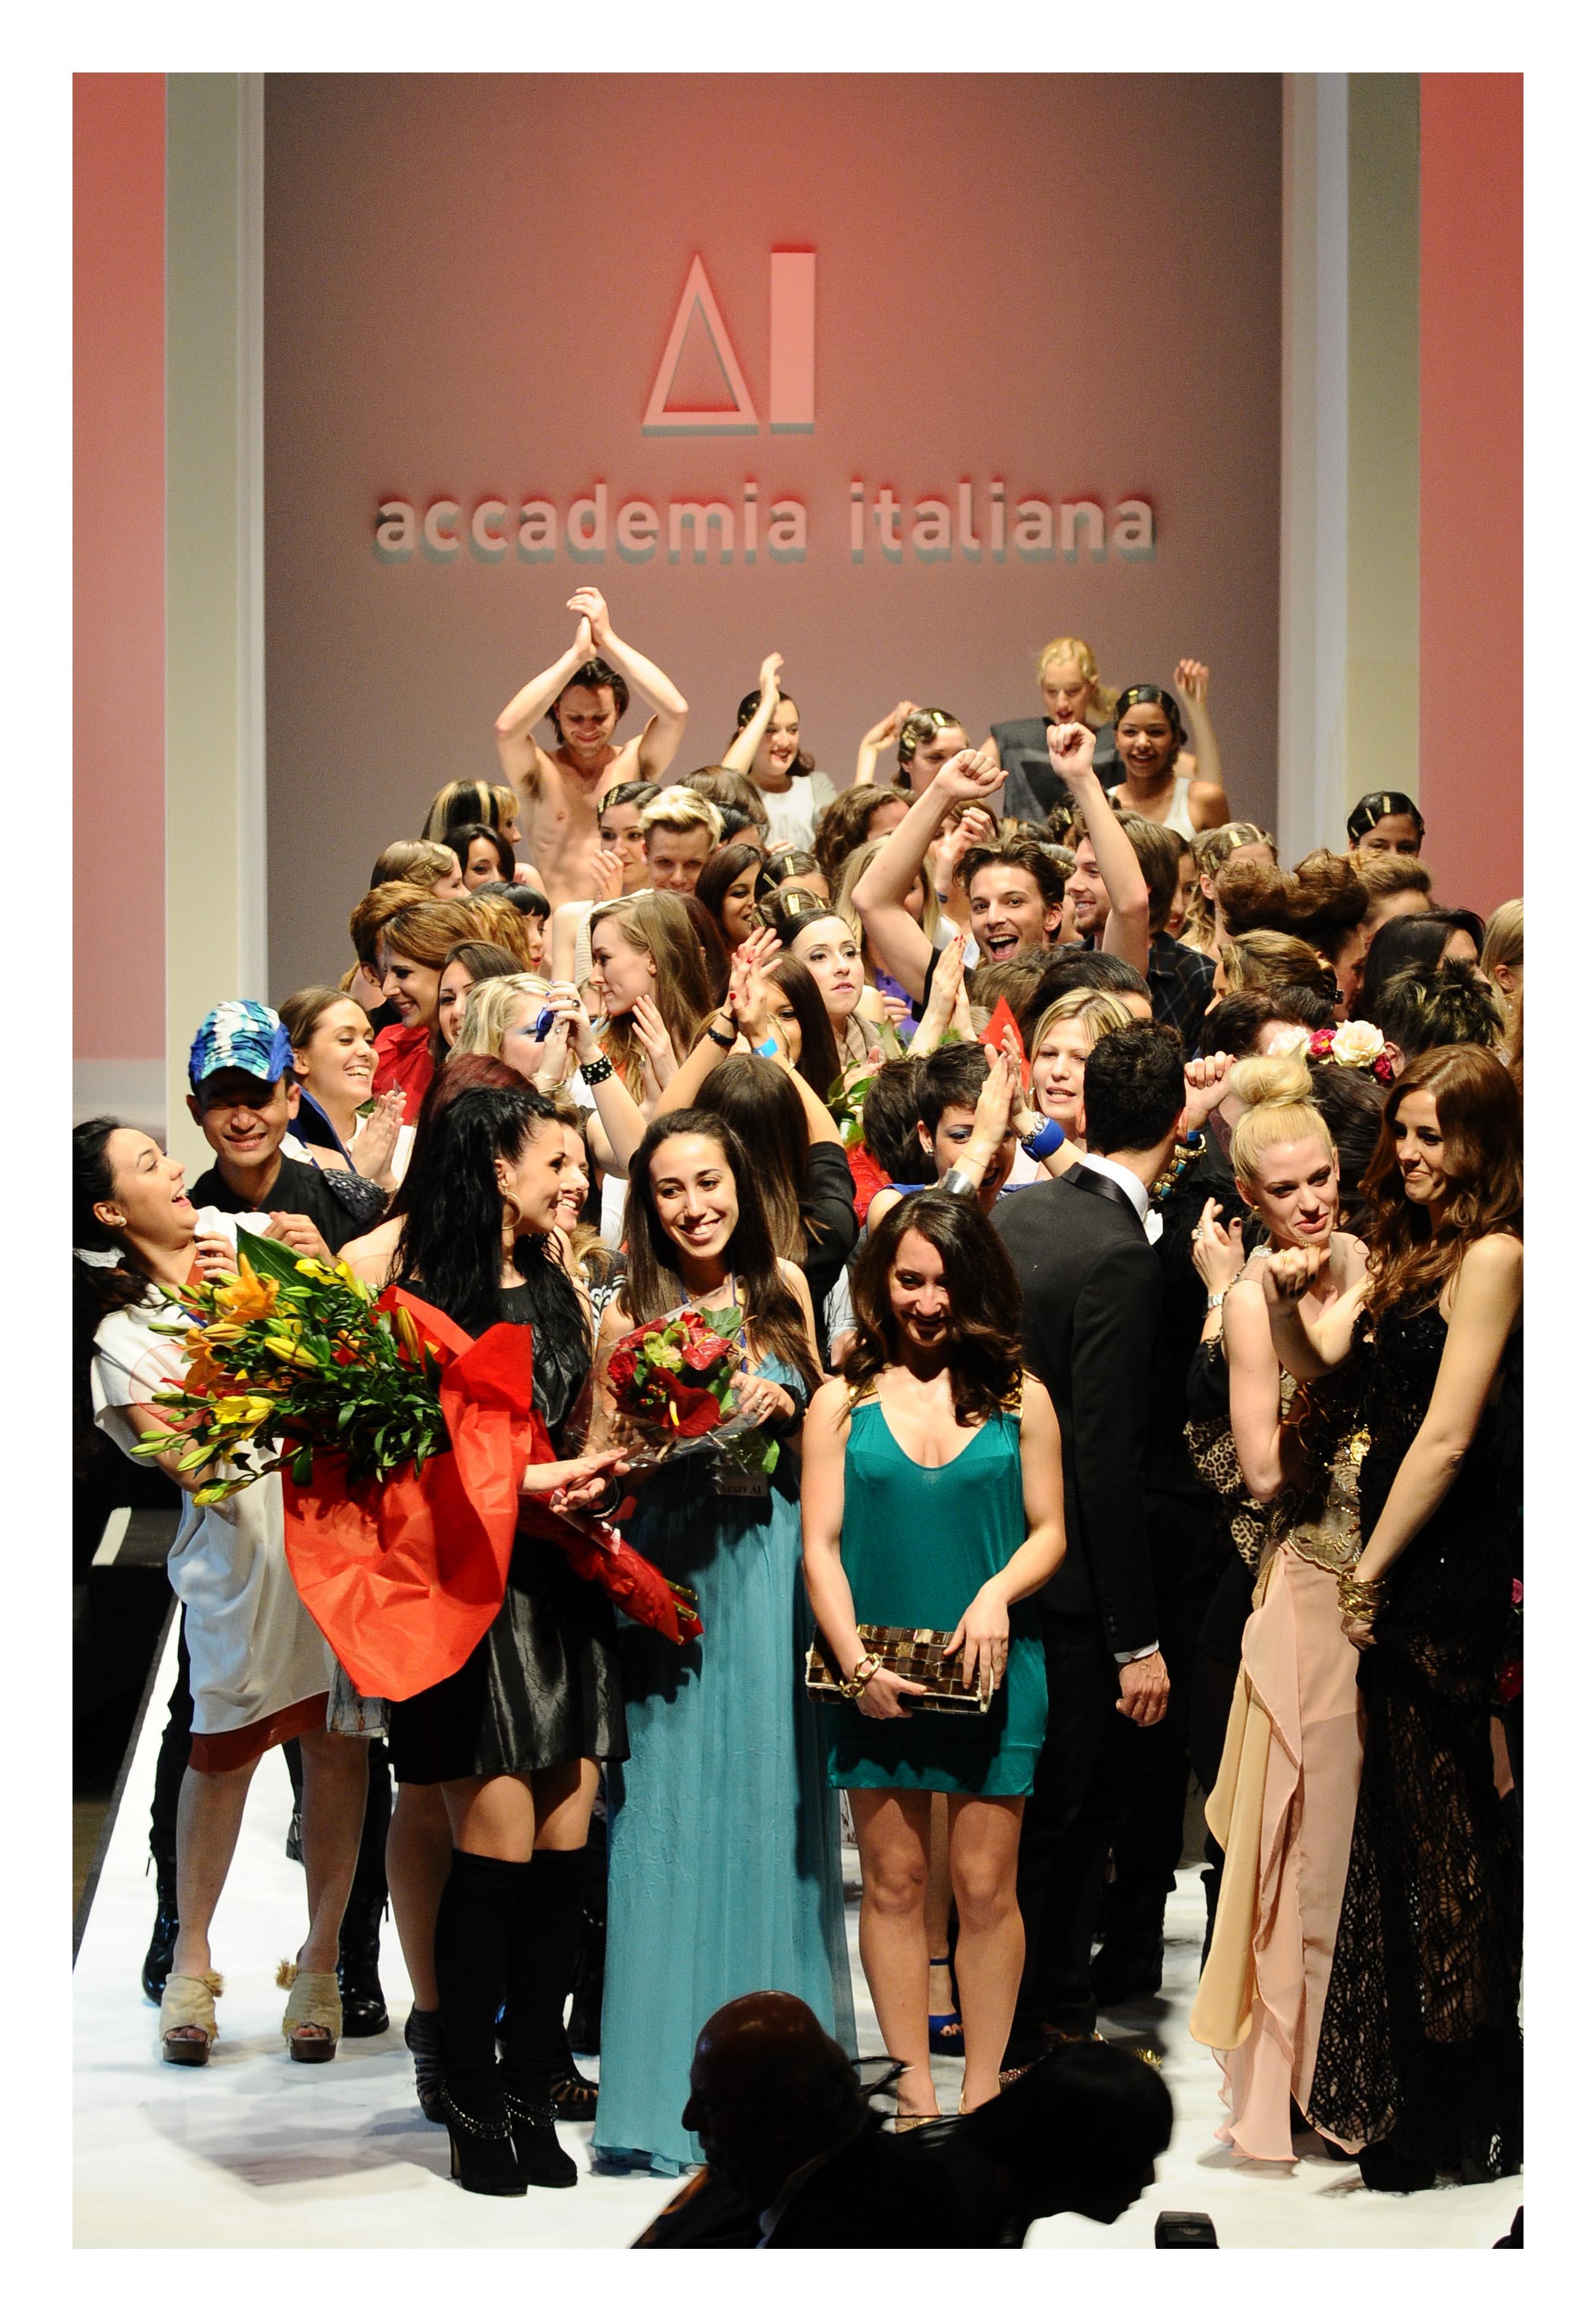 Accademia italiana vince tutto for Accademia della moda milano